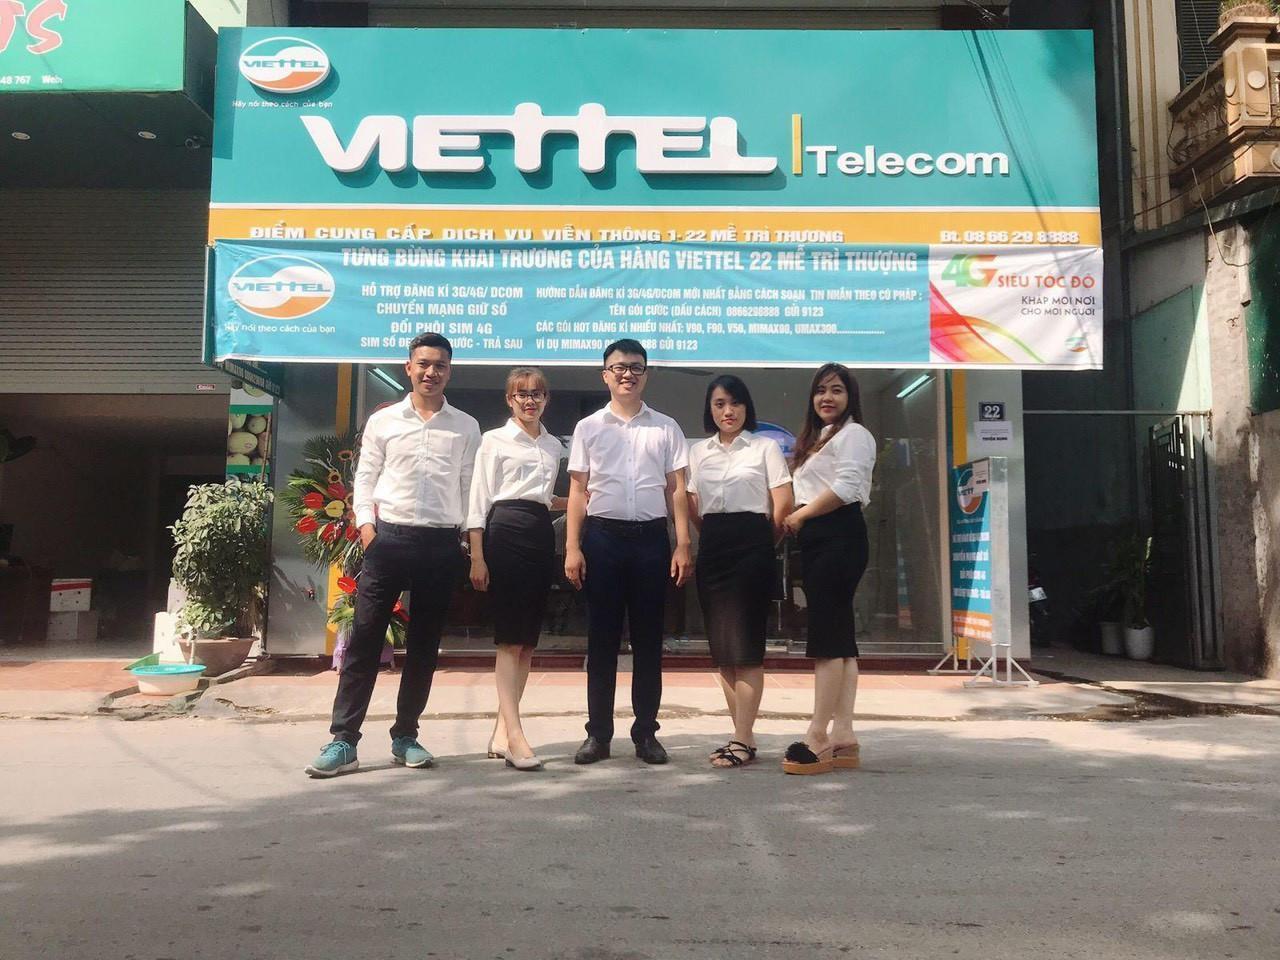 Chọn sim Viettel giá rẻ tại Sim Đẹp Online - Tổng Kho sim lớn hàng đầu tại  Việt Nam - Ảnh 2